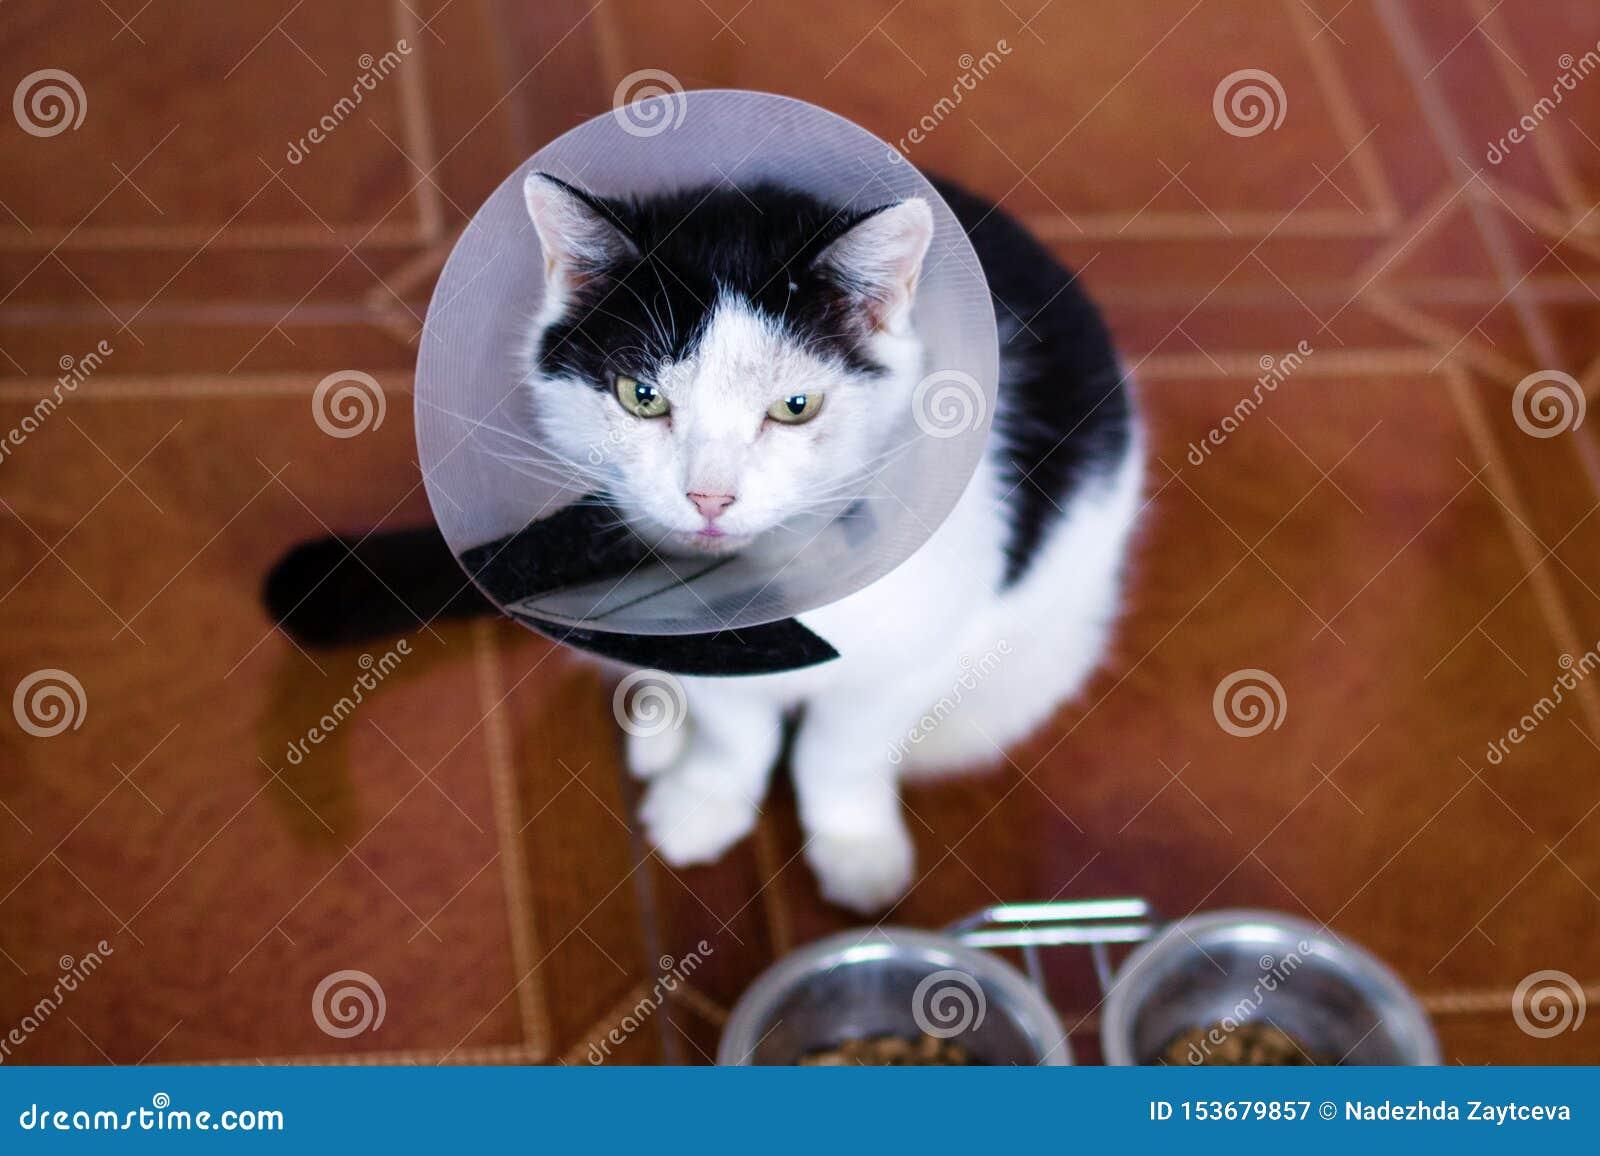 Η μαύρος-άσπρη γάτα με το πλαστικό ιατρικό περιλαίμιο κάθεται σε ένα πάτωμα της κουζίνας πλησίον στα κύπελλα με τα τρόφιμα γατών